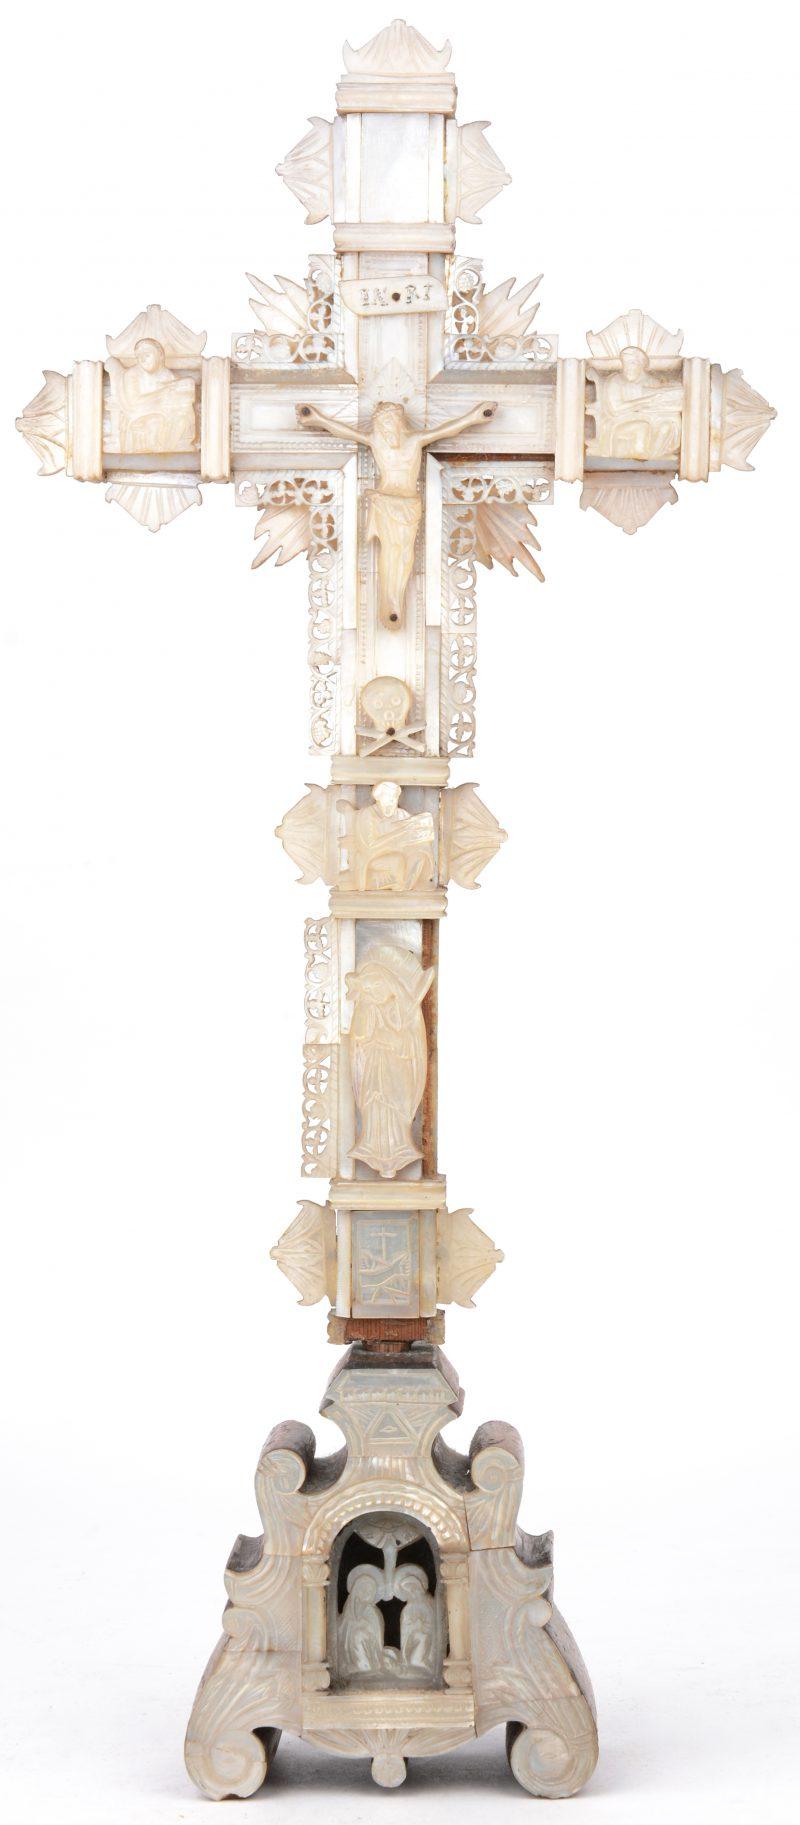 Een kruisbeeld van hout en parelmoer met achteraan zestien reliekhoudertjes. Omstreeks 1900. Vooraan een stukje manco.